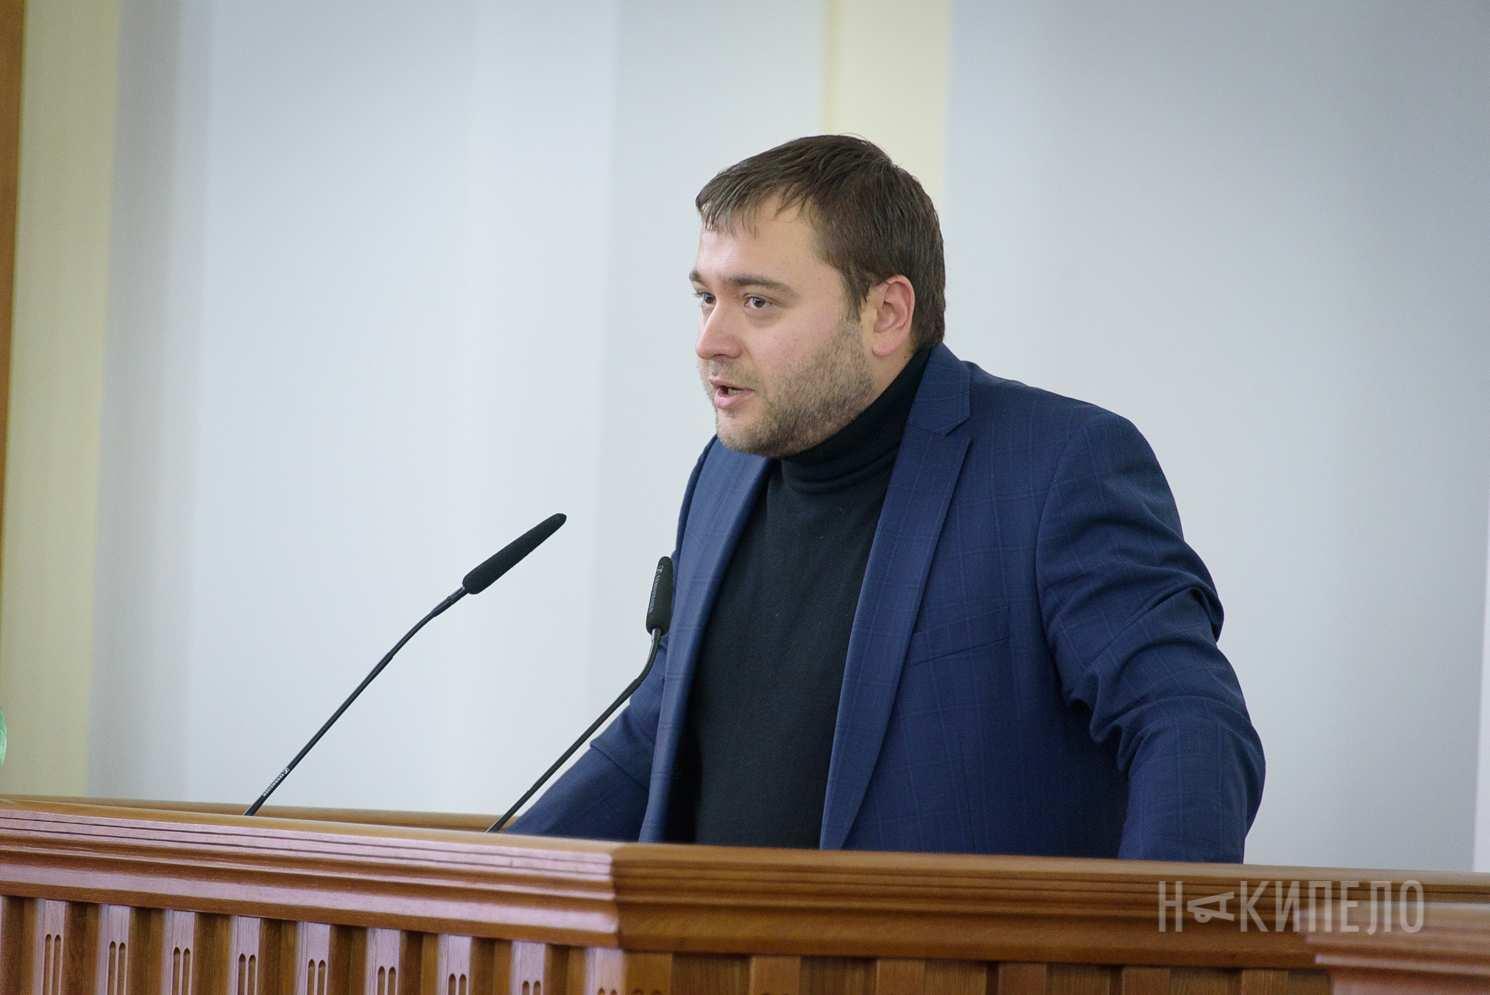 Харьковский горсовет нестал лишать звания «Почетный гражданин» русского сенатора